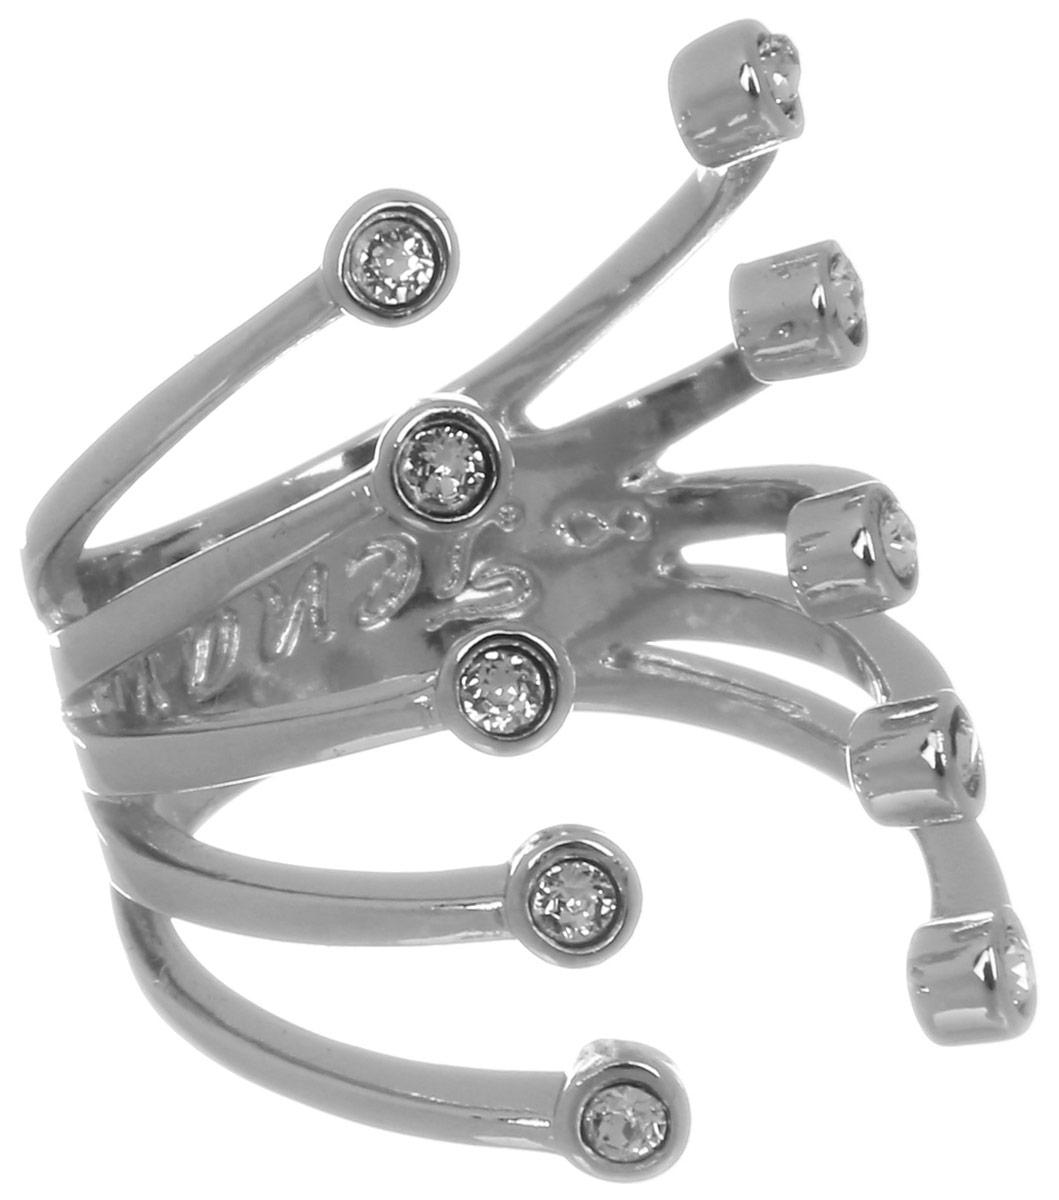 Jenavi, Коллекция Триада, Пурина (Кольцо), цвет - серебряный, белый, размер - 20f694f000Коллекция Триада, Пурина (Кольцо) гипоаллергенный ювелирный сплав,Серебрение c род. , вставка Кристаллы Swarovski , цвет - серебряный, белый, размер - 20